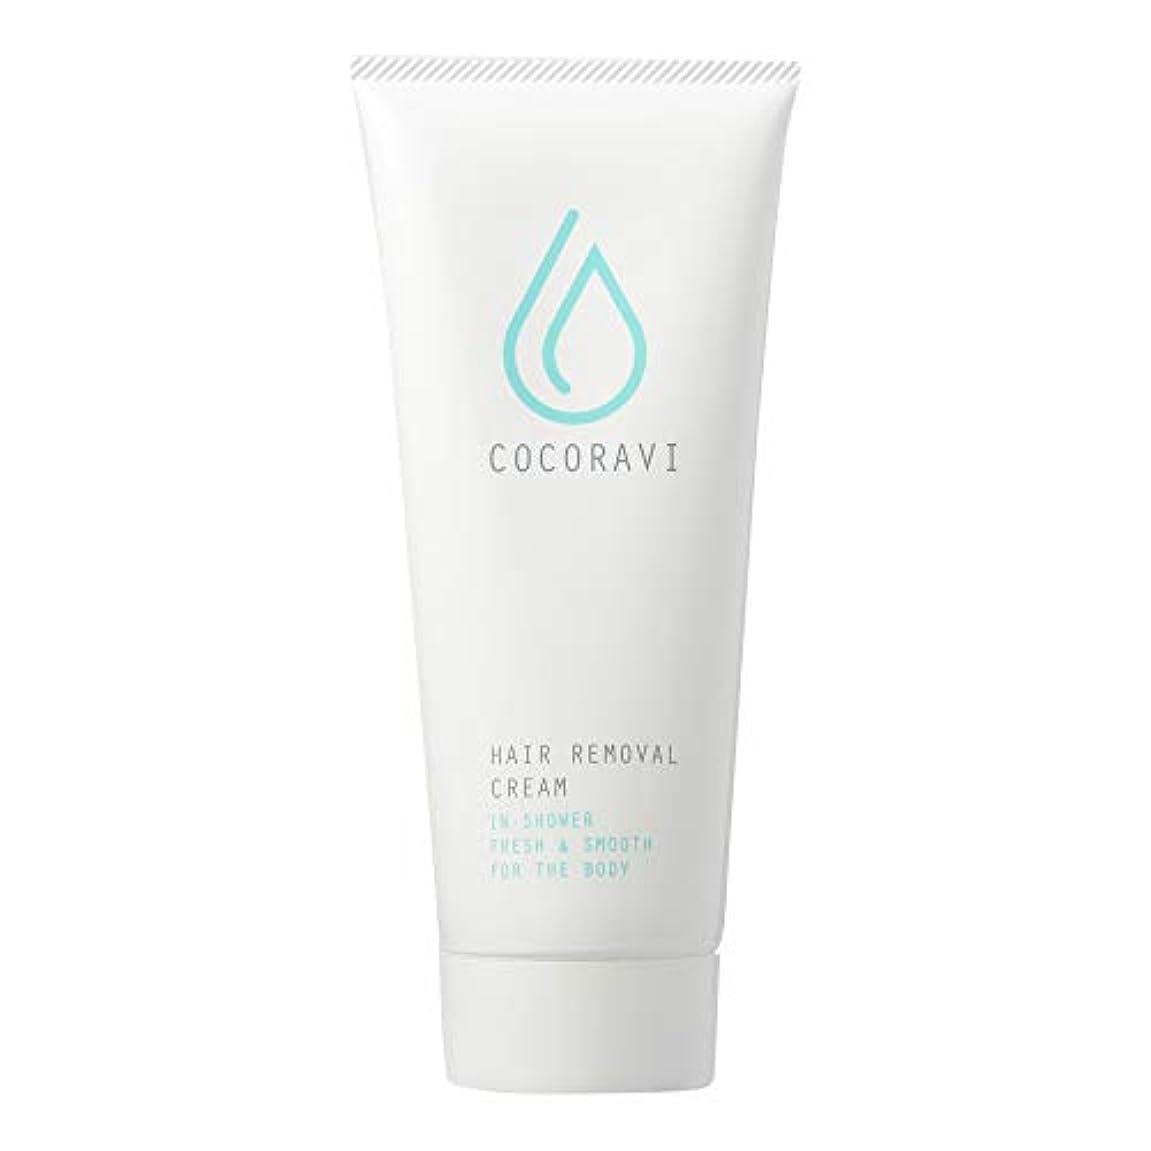 応じる行く発信COCORAVI Hair Removal Cream (ココラビヘアリムーバークリーム) 除毛クリーム ボディ用 医薬部外品 スキンケア 美容 [内容量200g/説明書付き]